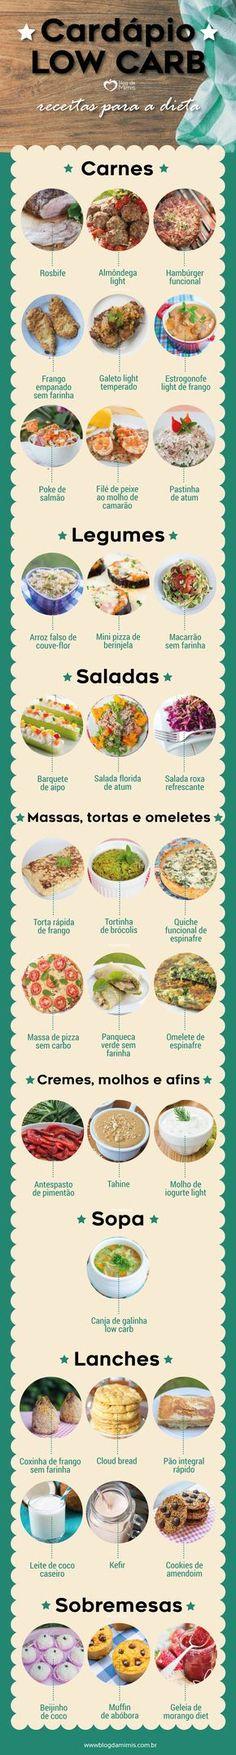 Cardápio low carb: receitas para manter a dieta - Blog da Mimis #lowcarb #diet #dieta #receitas #cardápio #emagrecer